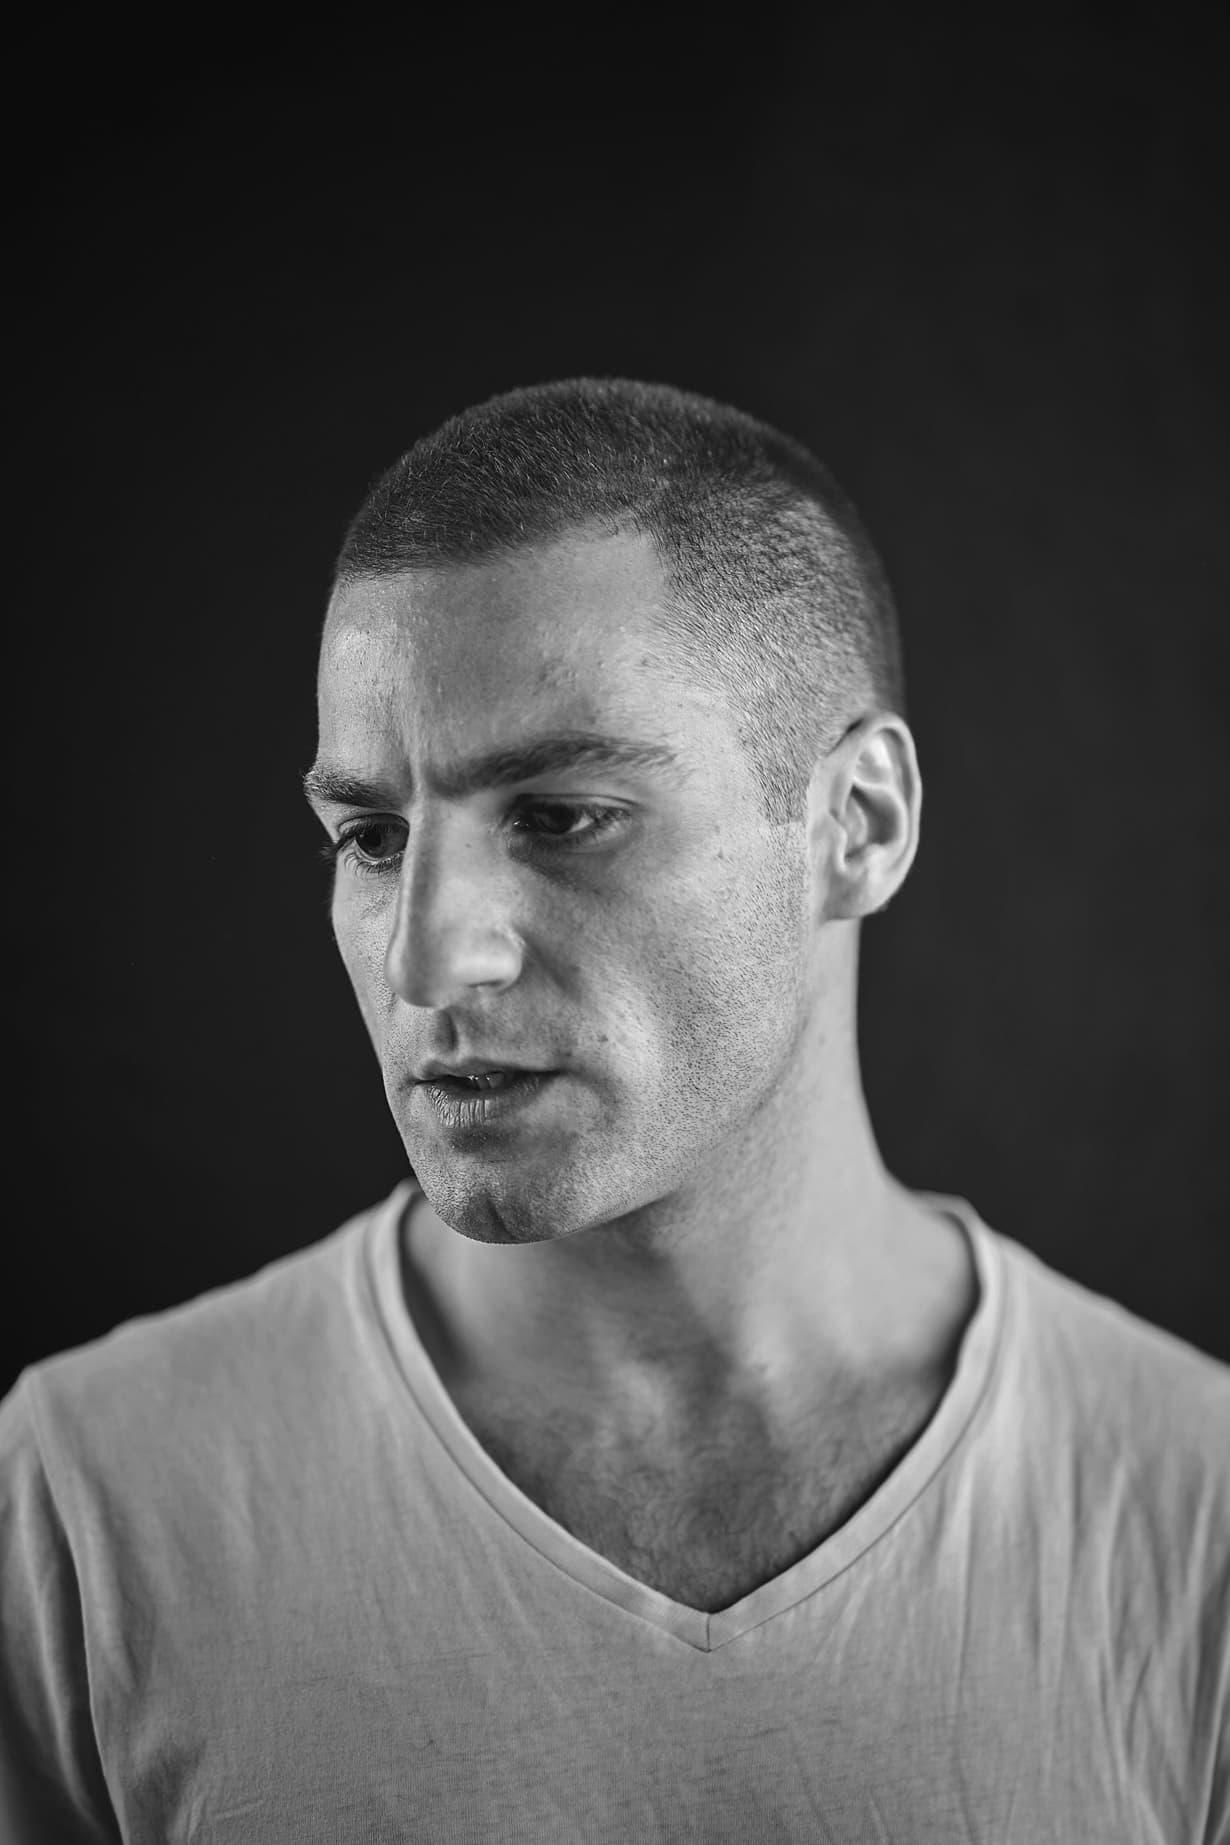 Giorgi Tsereteli